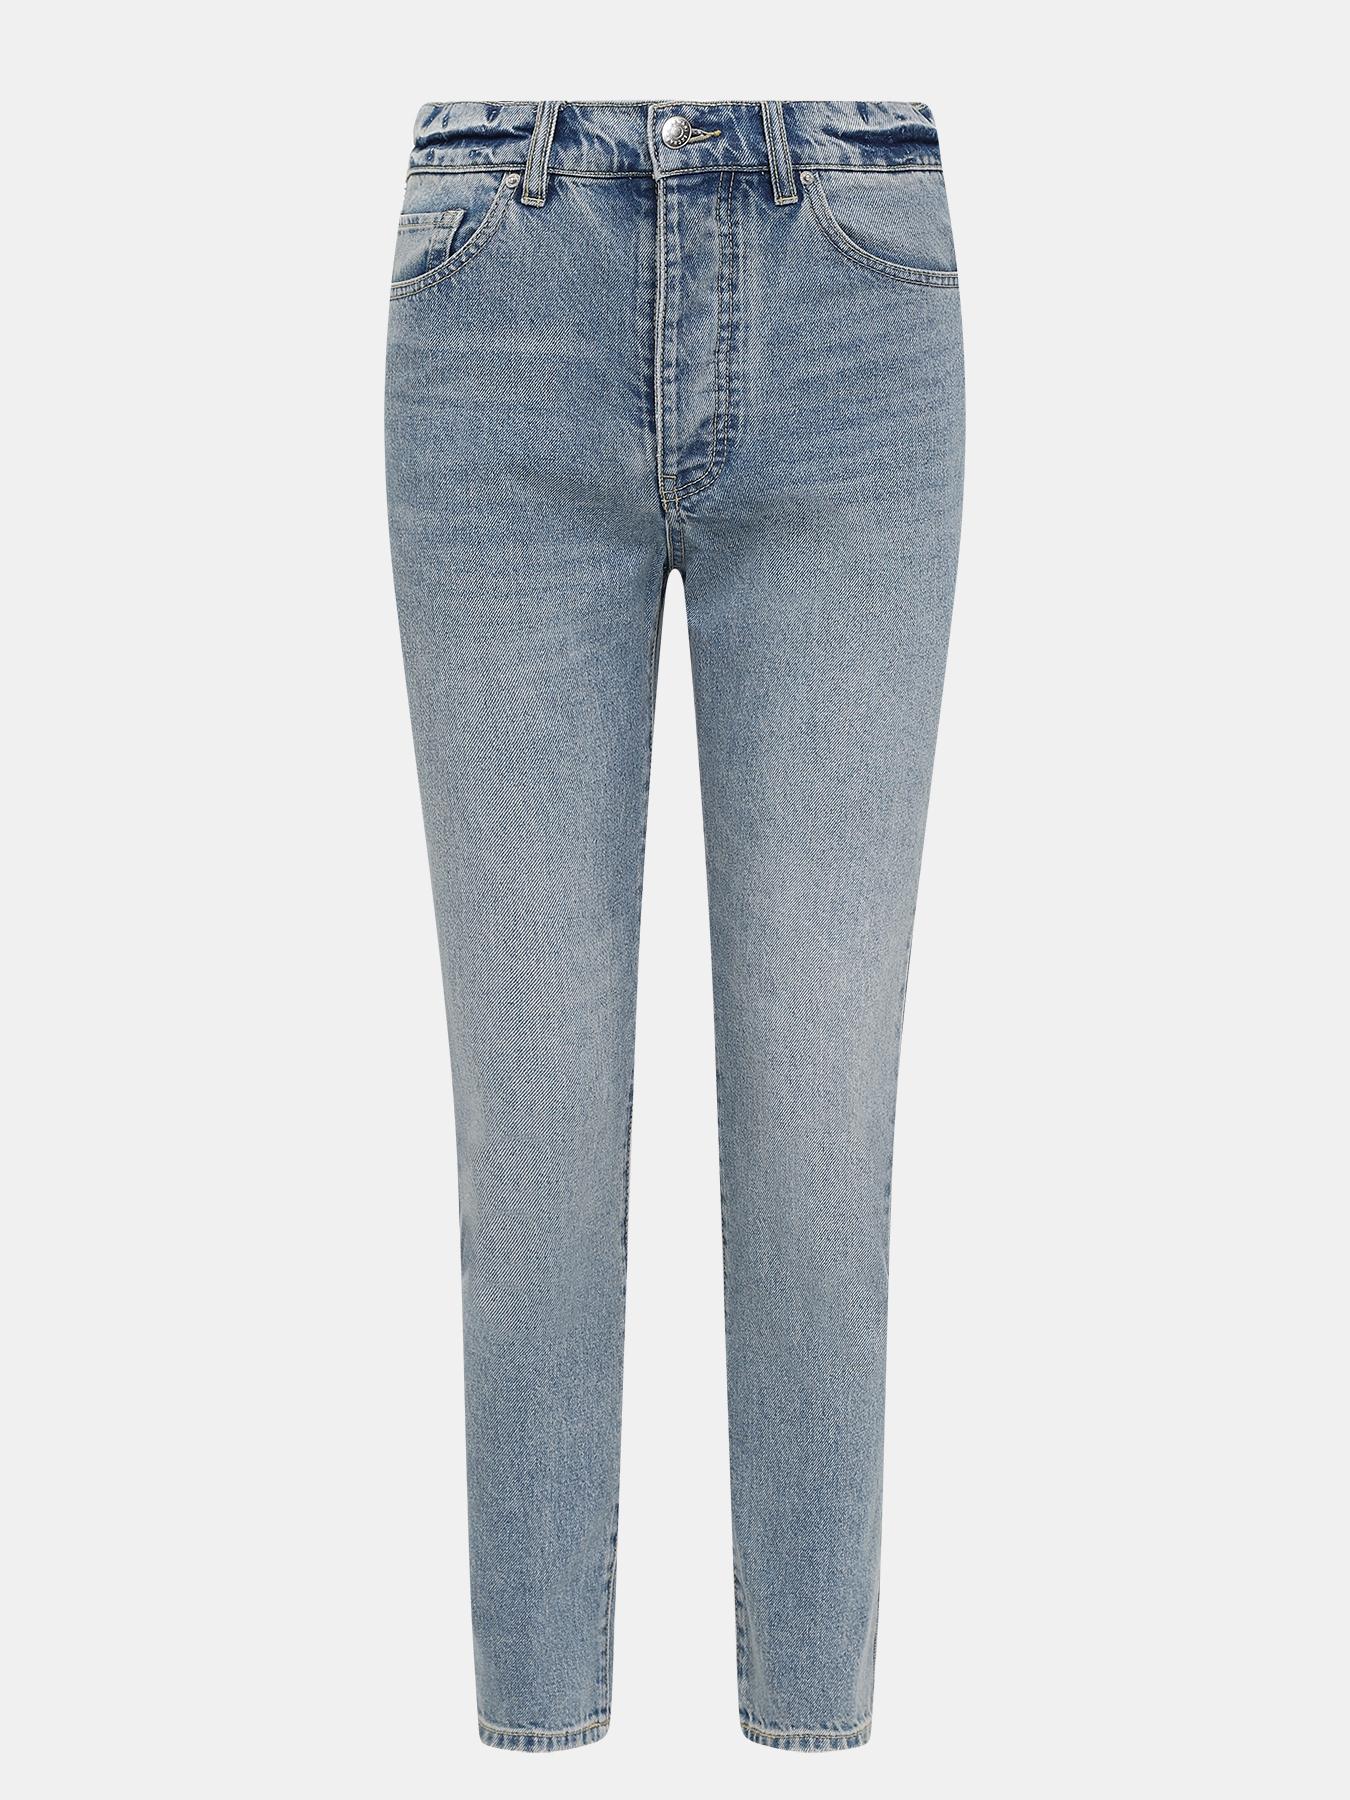 Джинсы Armani Exchange Джинсы J51 брюки armani exchange джинсы с потертостями j27